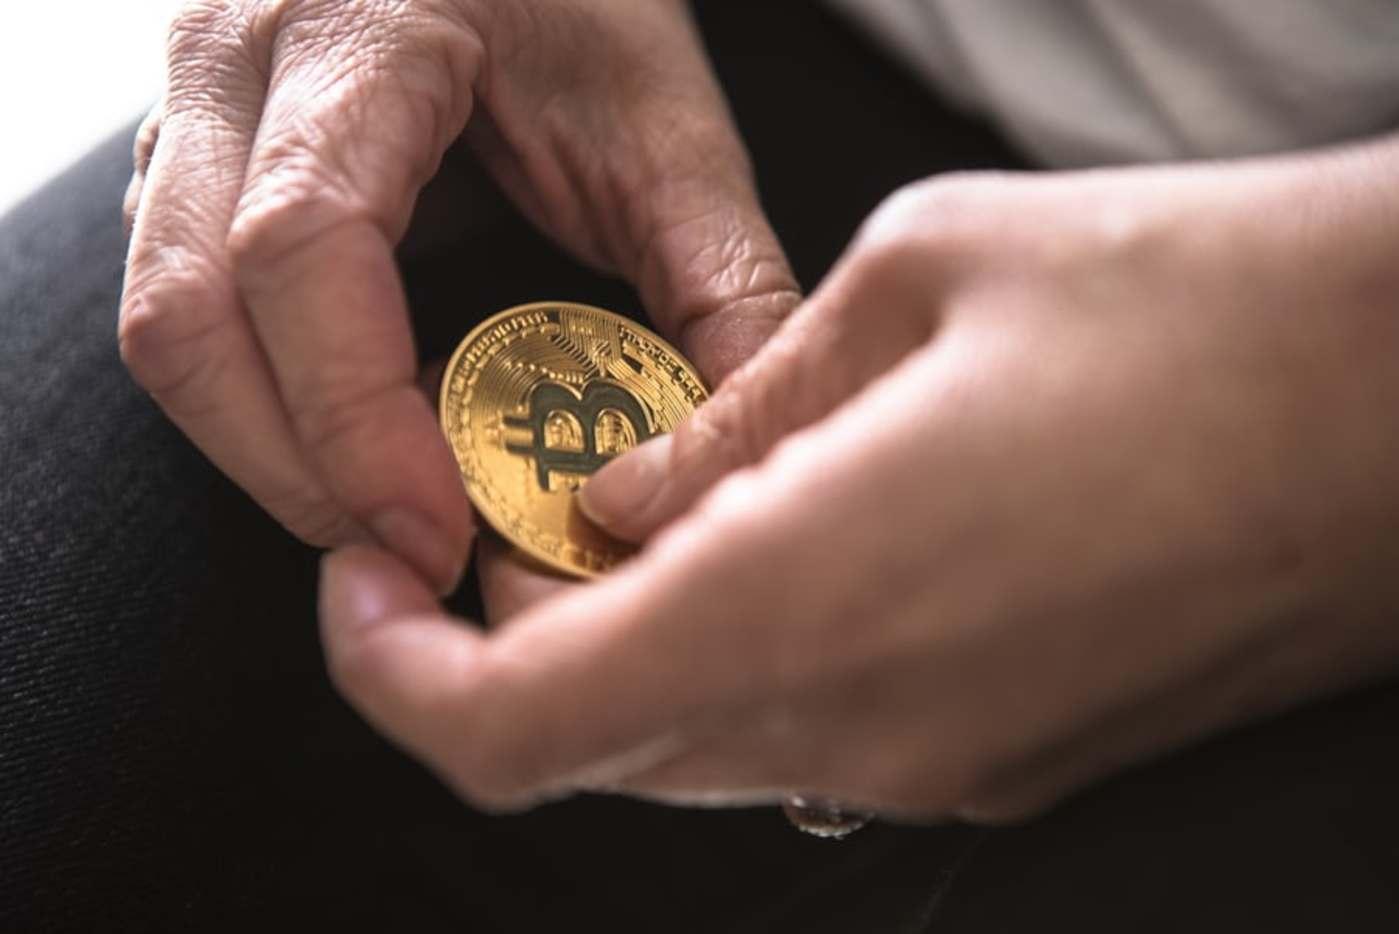 央行发布《数字人民币研发进展白皮书》,数字人民币将加载与货币功能相关的智能合约